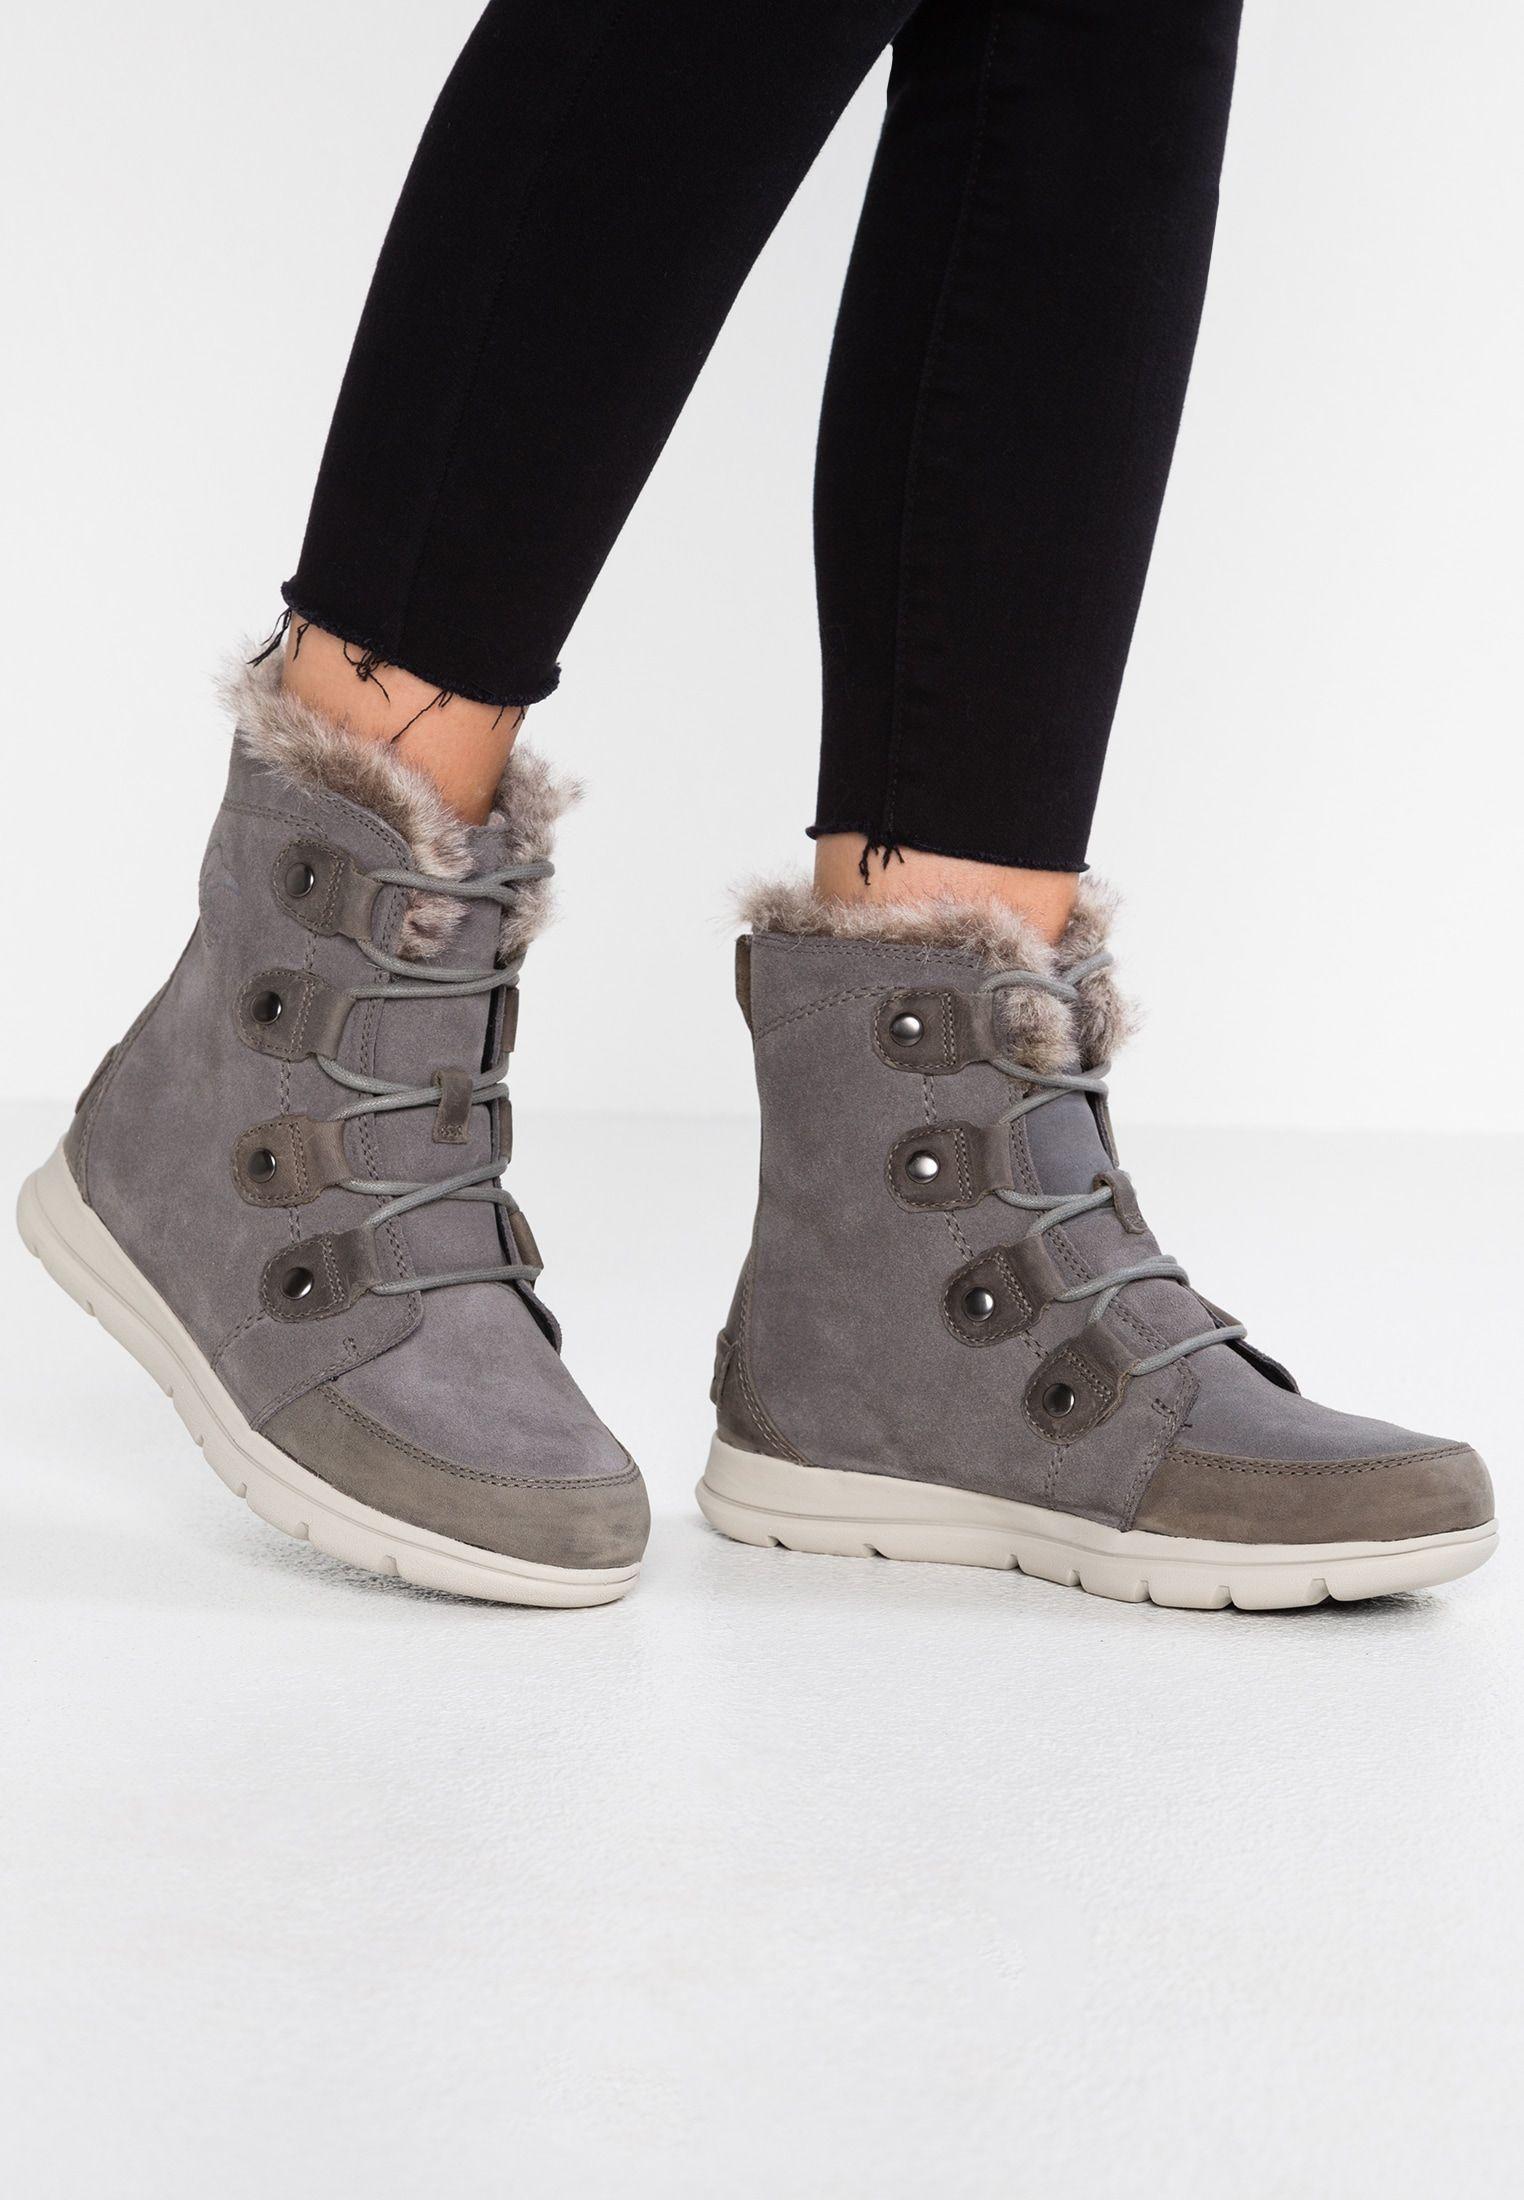 Pinterest In Explorer Shoes Joan Snowboots Quarryblack 2019 HYwxqUF